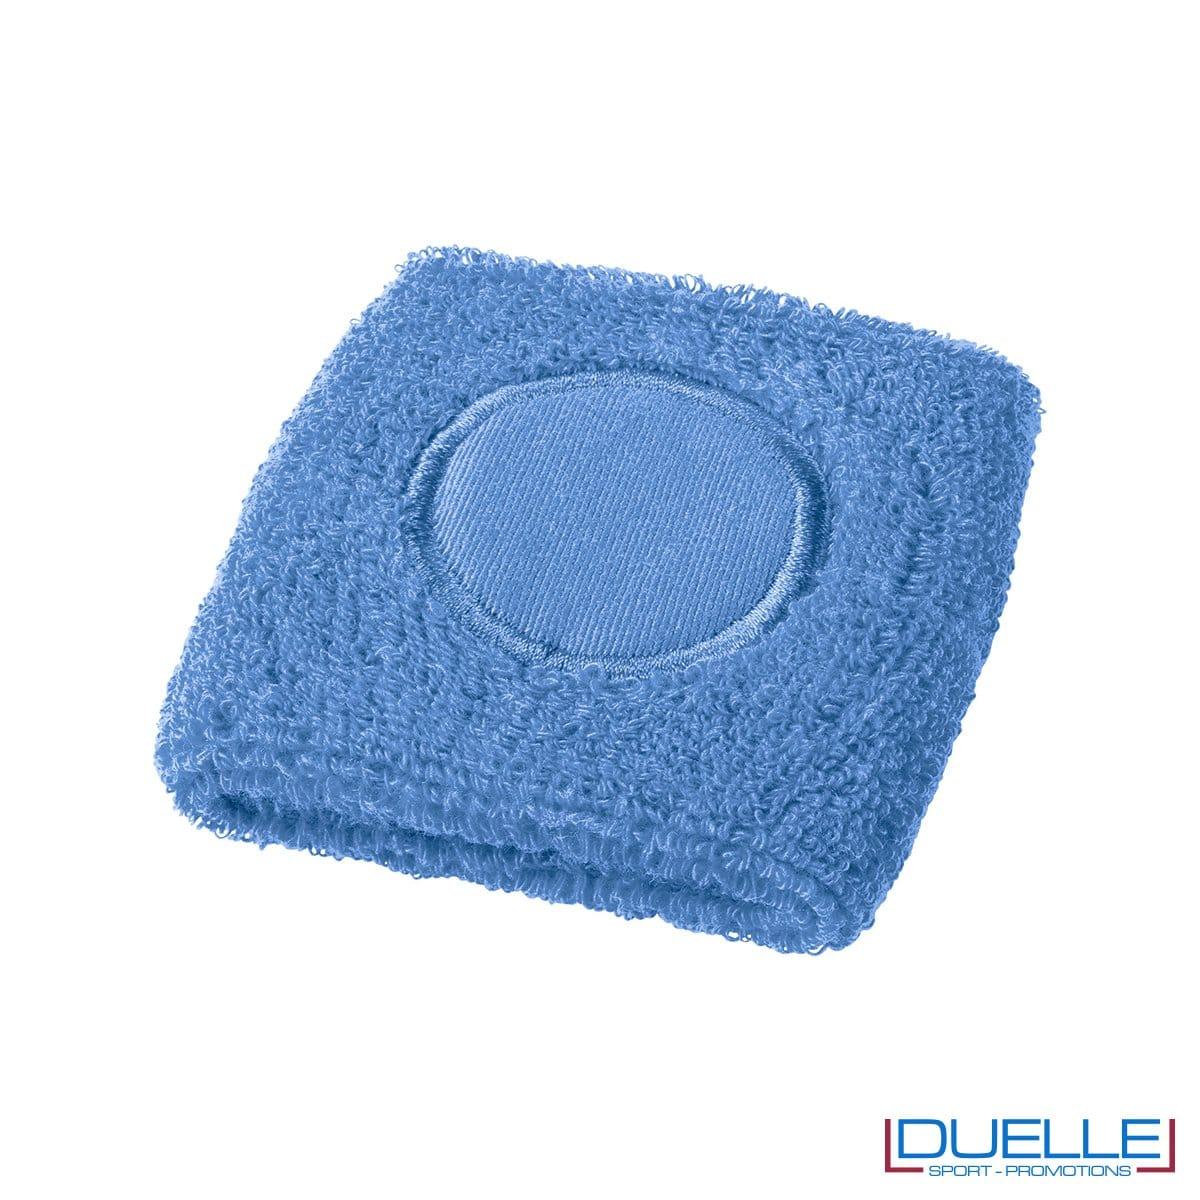 Polsino tergisudore spugna colore azzurro personalizzato